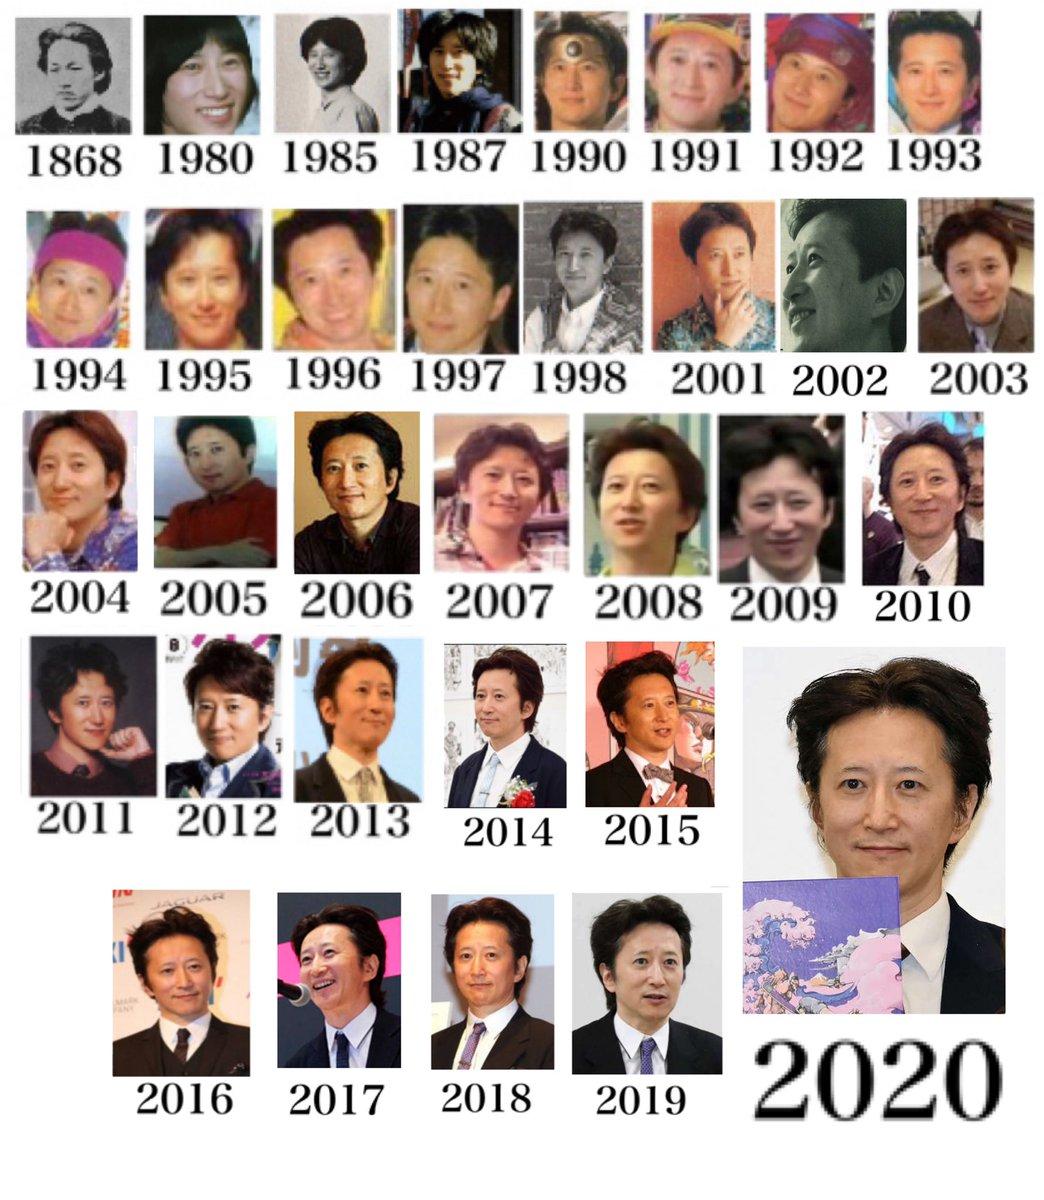 荒木飛呂彦先生の比較表2020年版を作りました